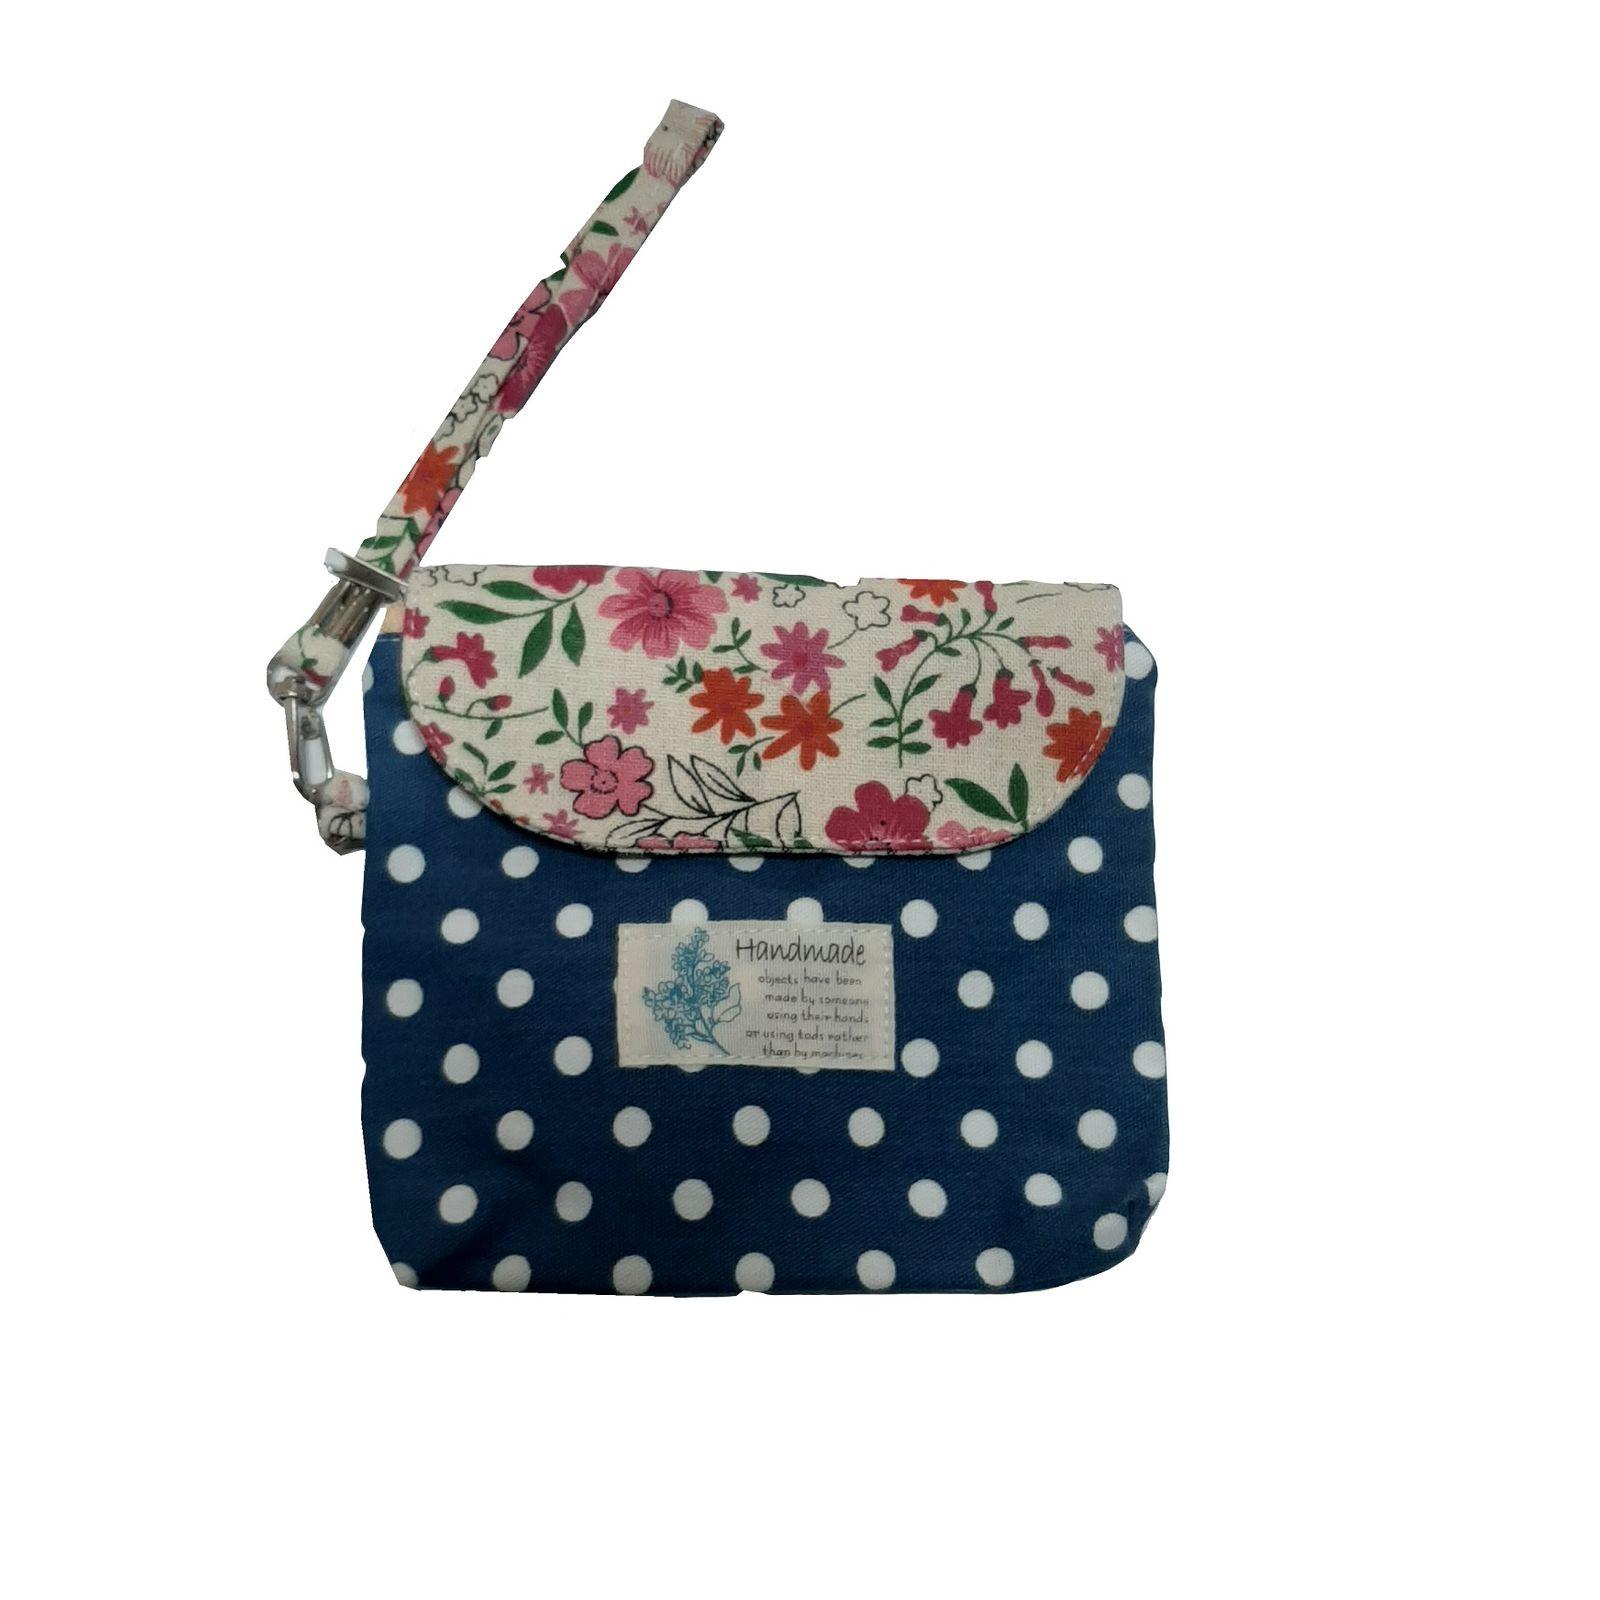 کیف لوازم آرایش زنانه مدل ۱۱۲۲ -  - 3